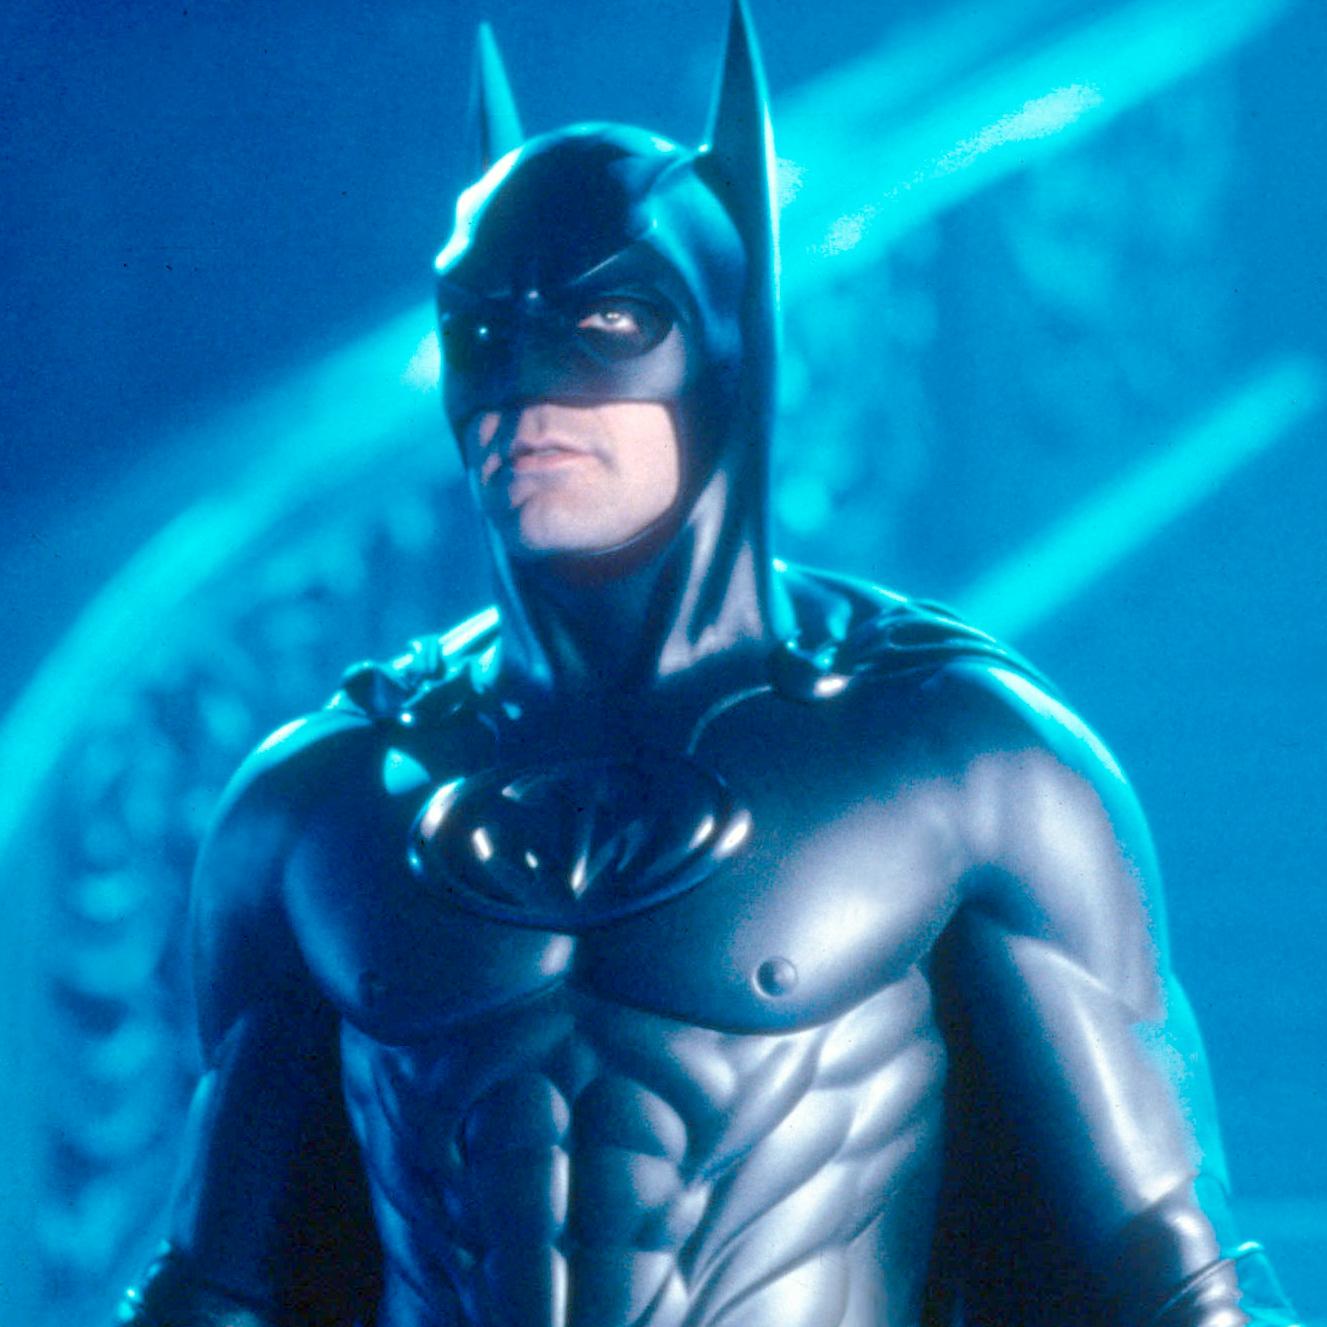 Batman-George-Clooney.png